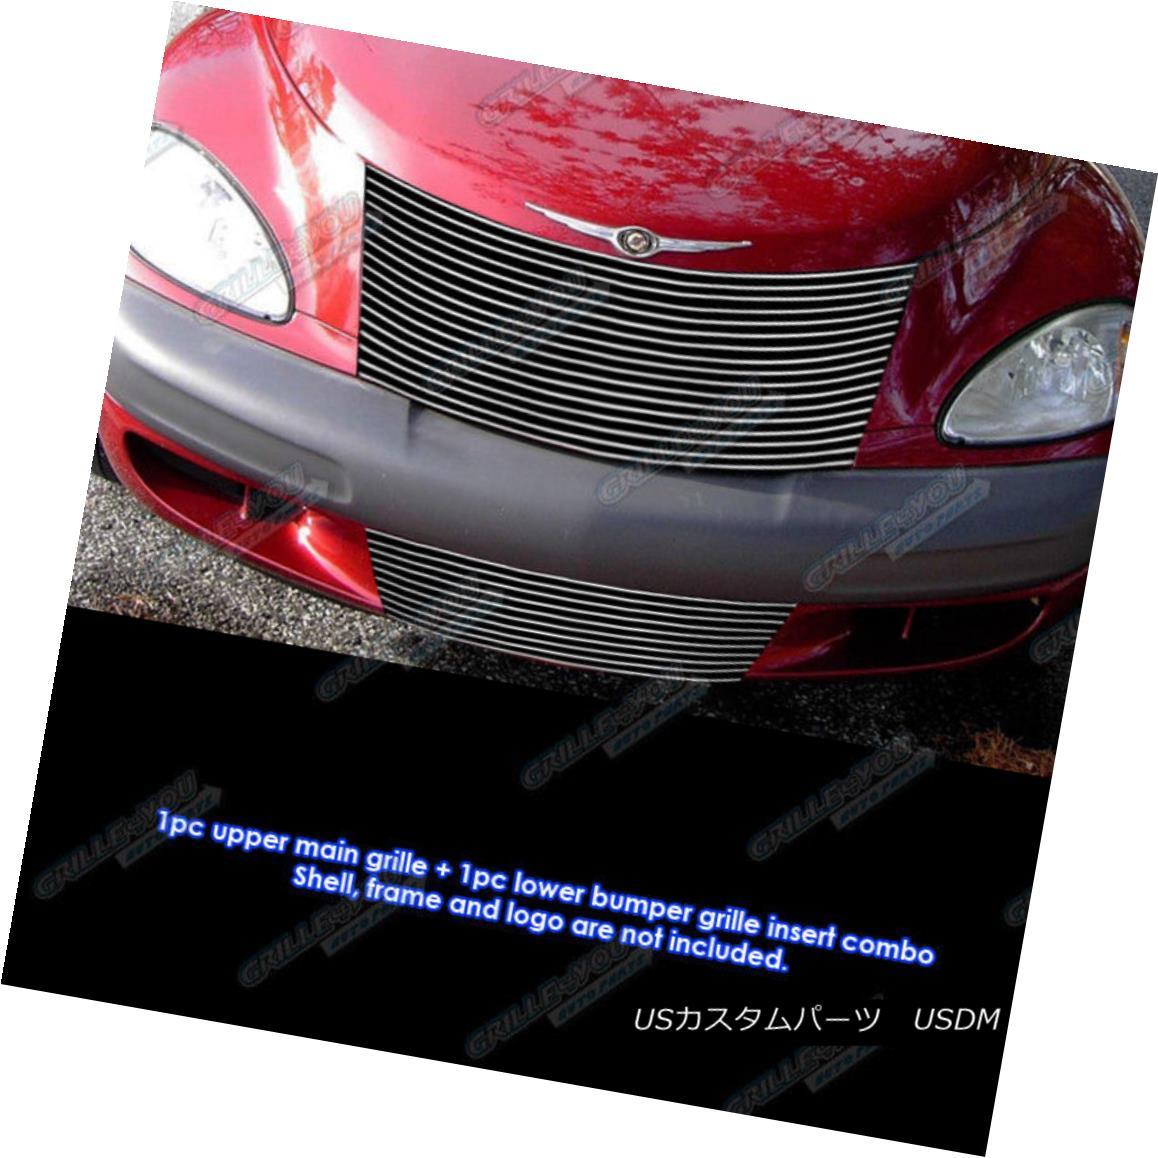 グリル Fits 2000-2005 Chrysler PT Cruiser Billet Grille Grill Combo Insert フィット2000-2005クライスラーPTクルーザービレットグリルグリルコンボインサート